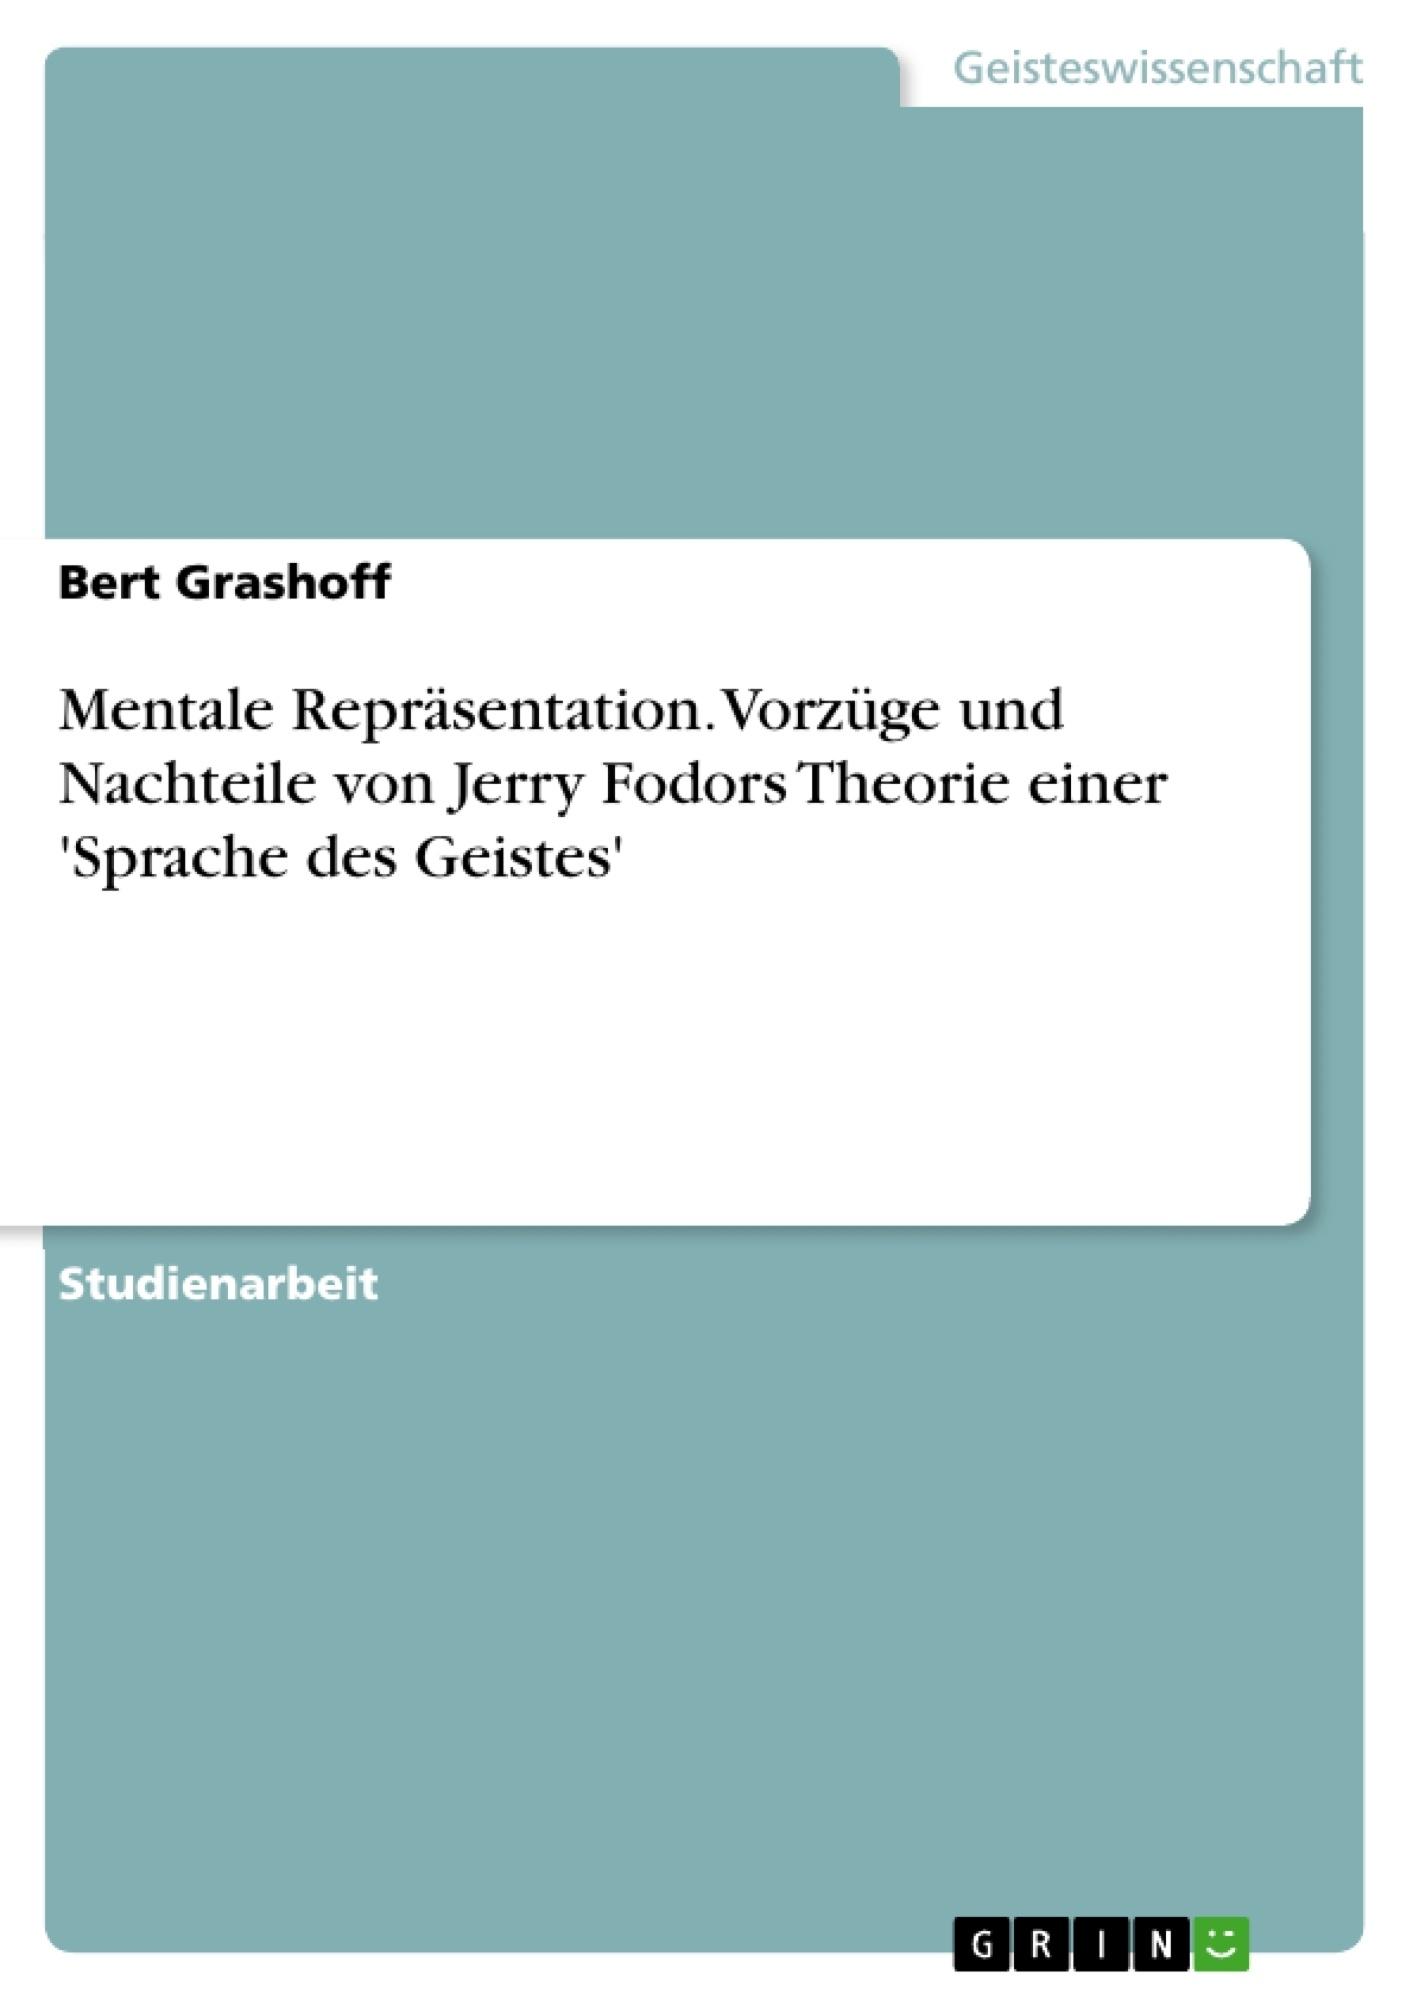 Titel: Mentale Repräsentation. Vorzüge und Nachteile von Jerry Fodors Theorie einer 'Sprache des Geistes'